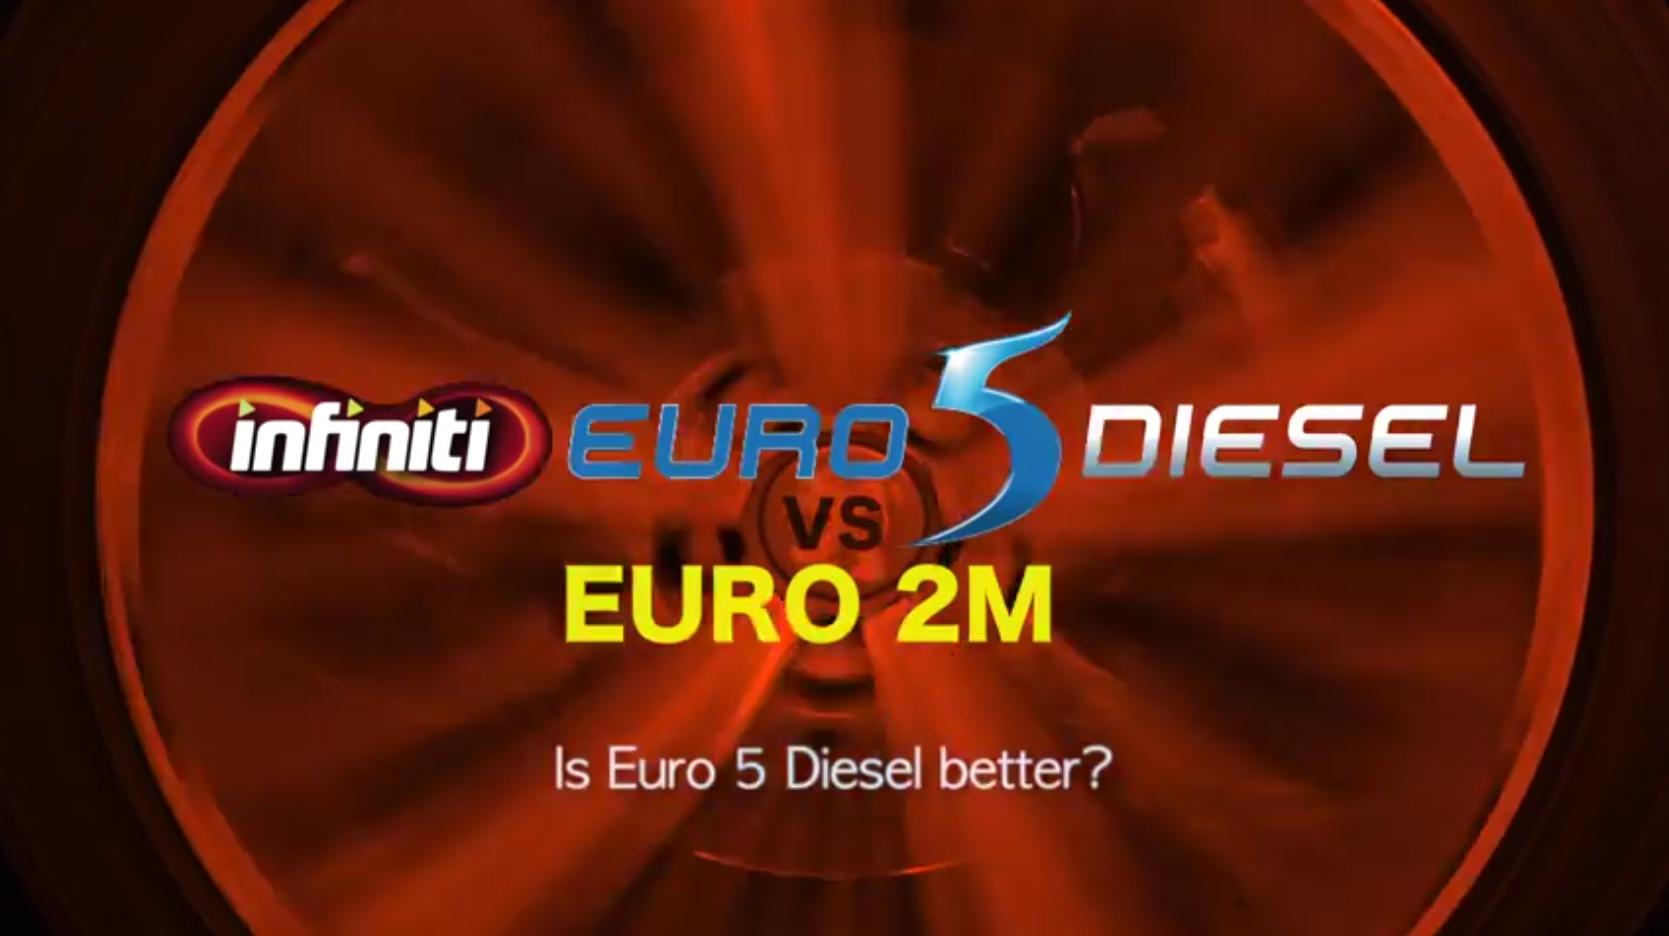 Infiniti Euro 5 Diesel VS Euro 2M. Is Euro 5 Diesel better?